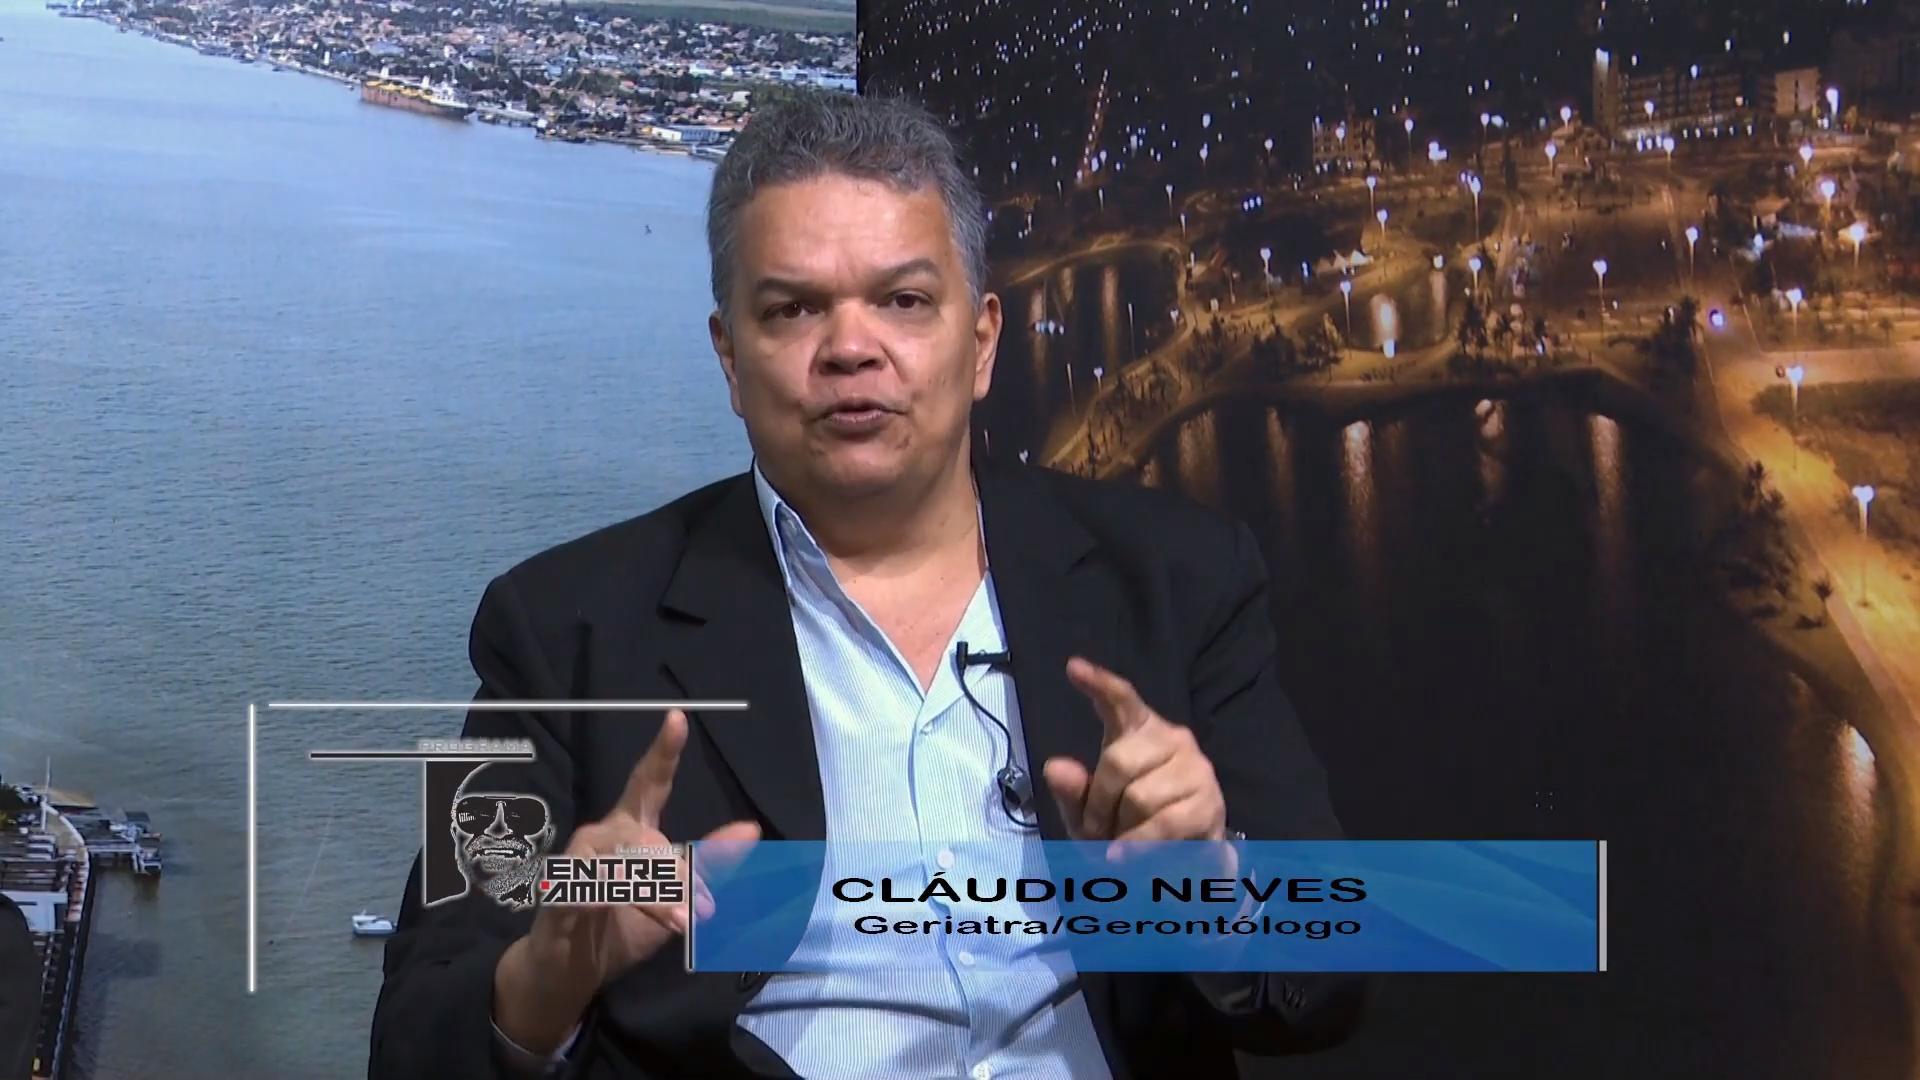 Entrevista TV - Dr Cláudio Geriatra em Defesa da COBAP